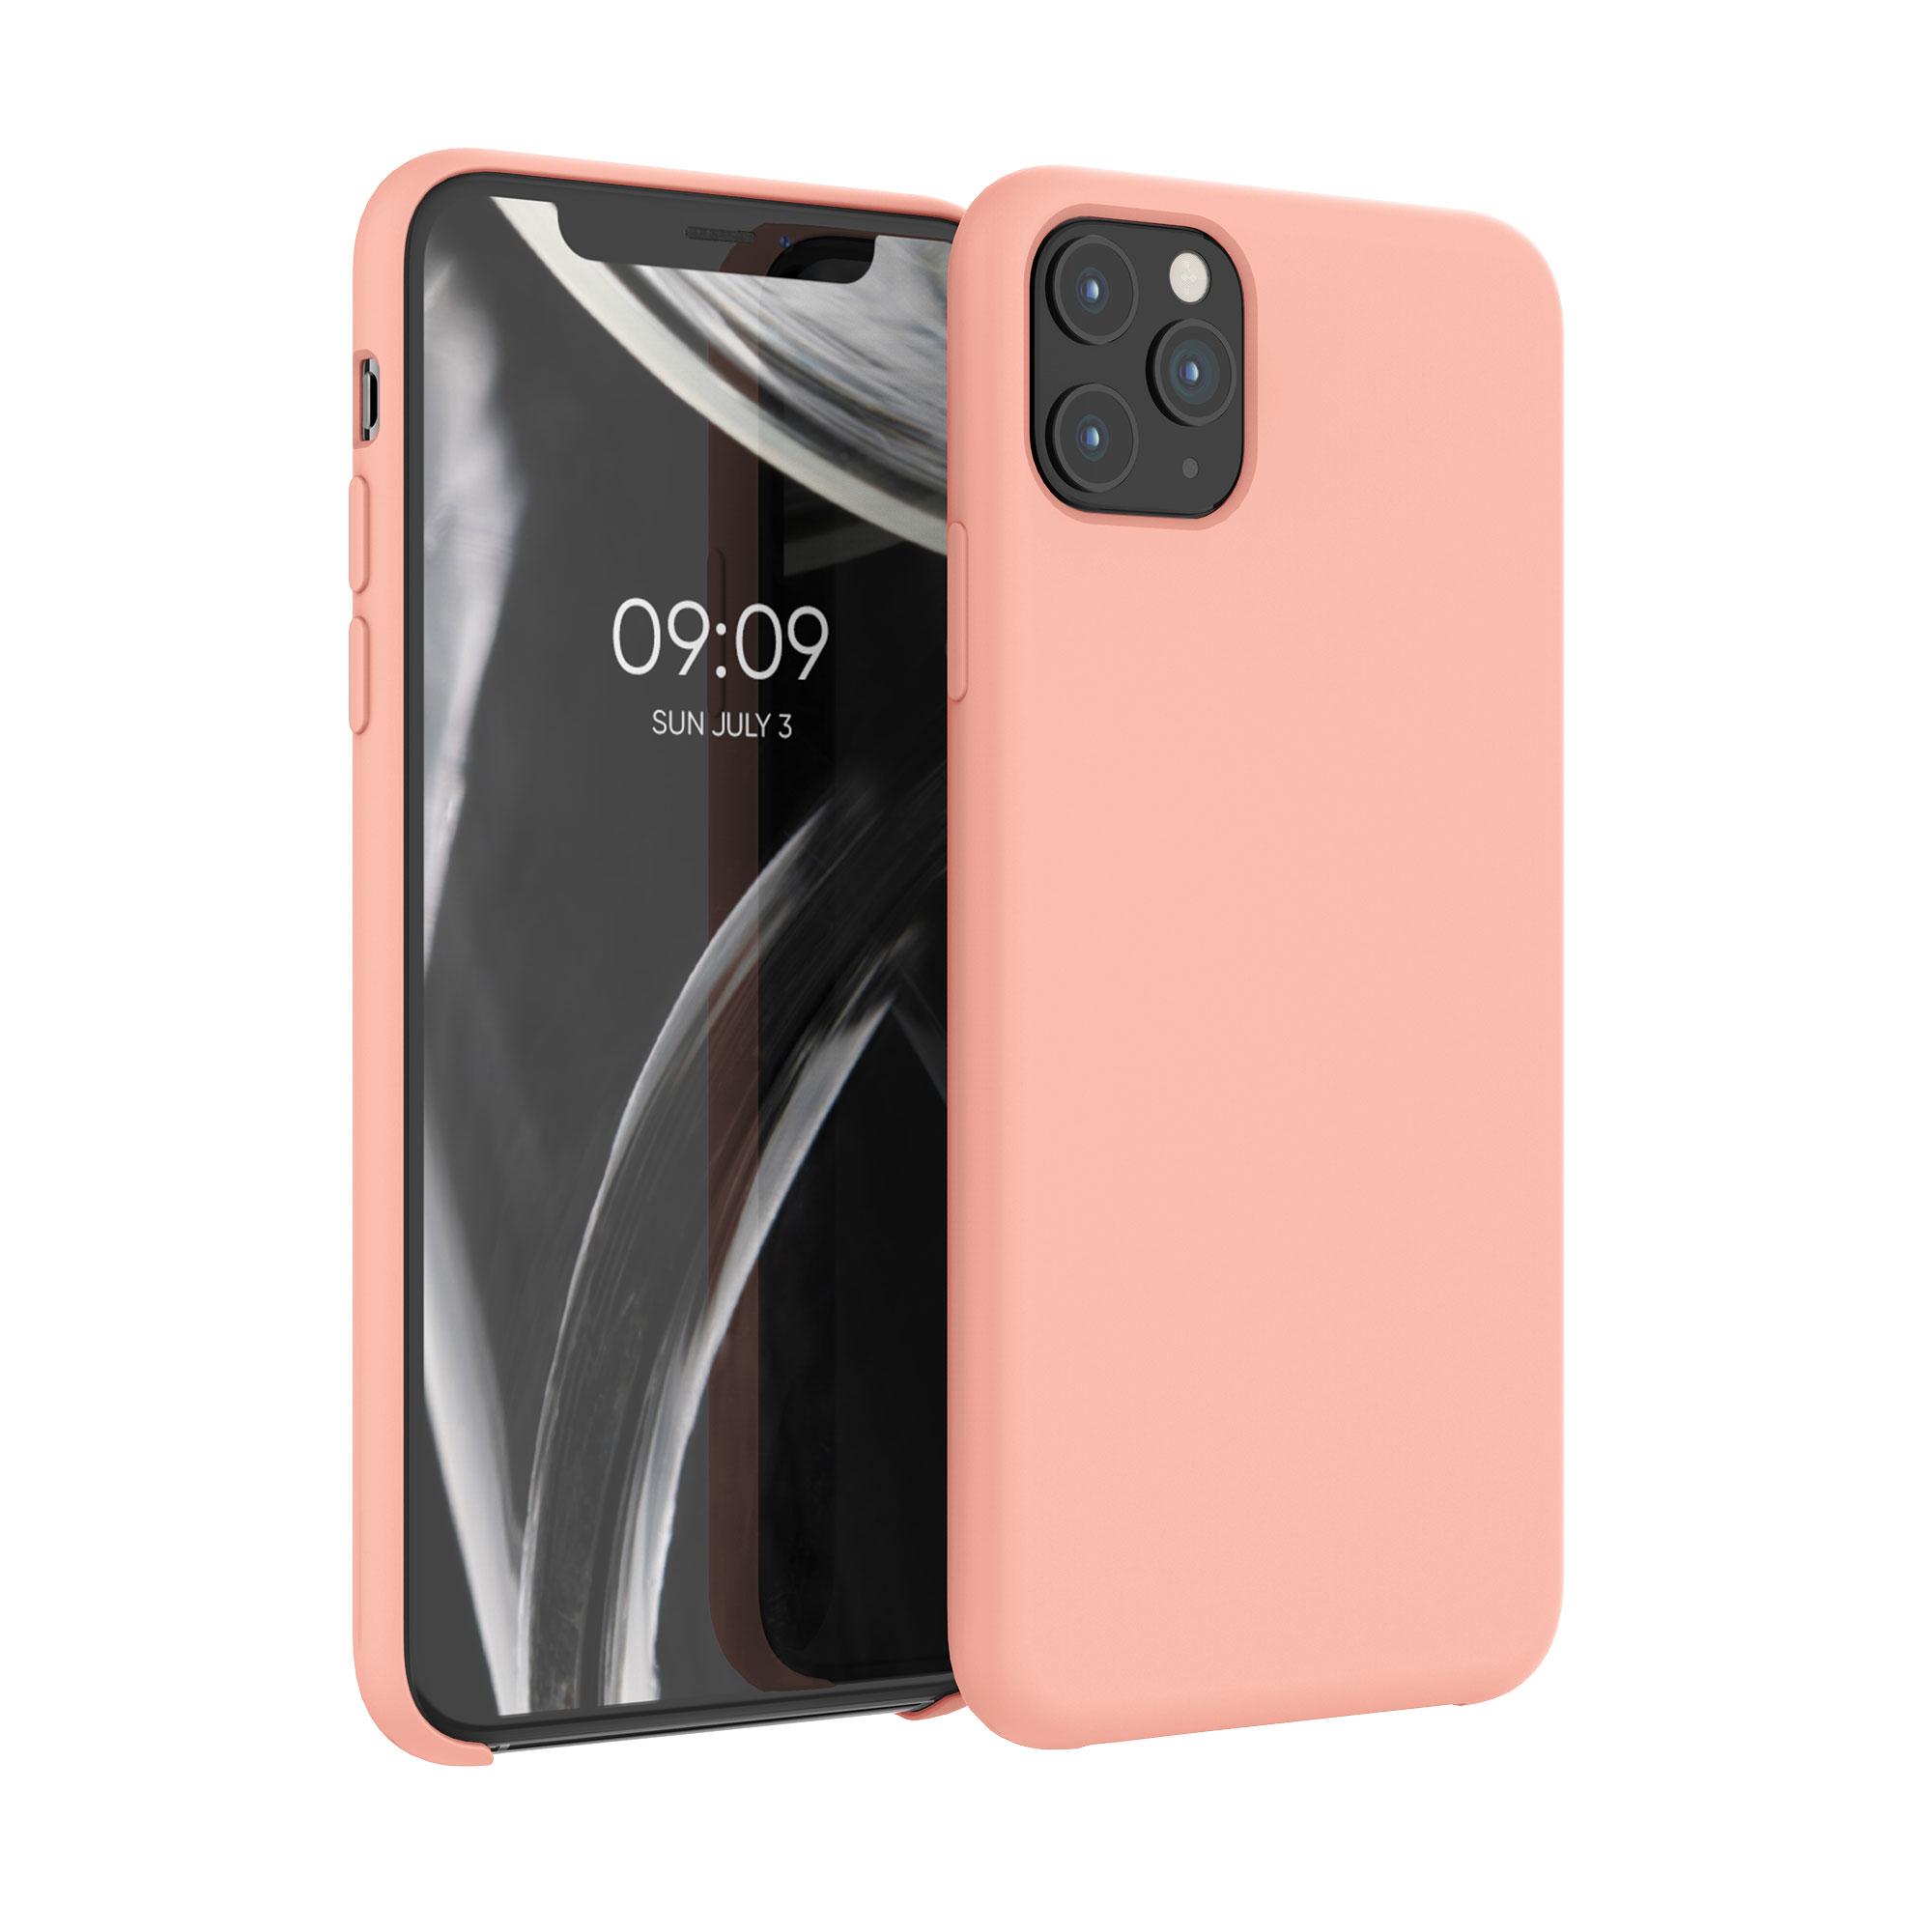 Kvalitní silikonové TPU pouzdro pro Apple iPhone 11 Pro Max - grapefruit Růžový